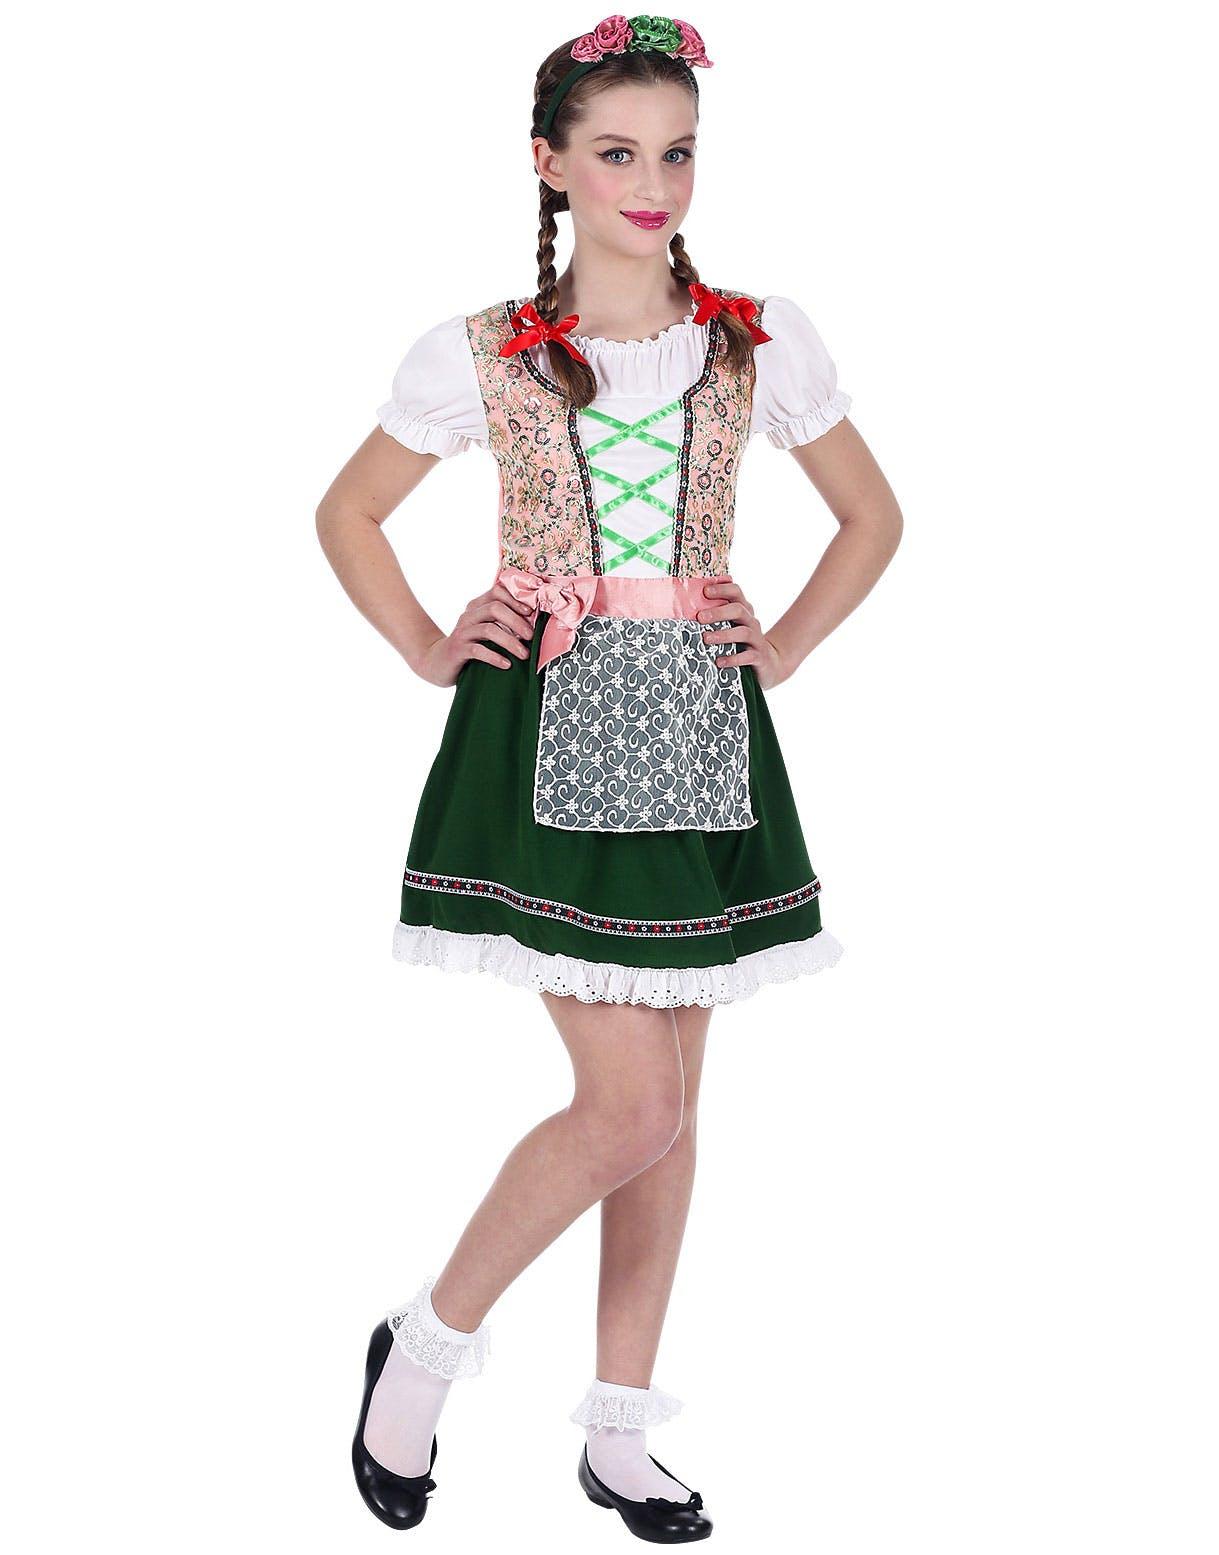 Rosa og Grønt Oktoberfest Kostyme til Barn - Se Alle Våre Kostymer ... c2ea1c33fd70e